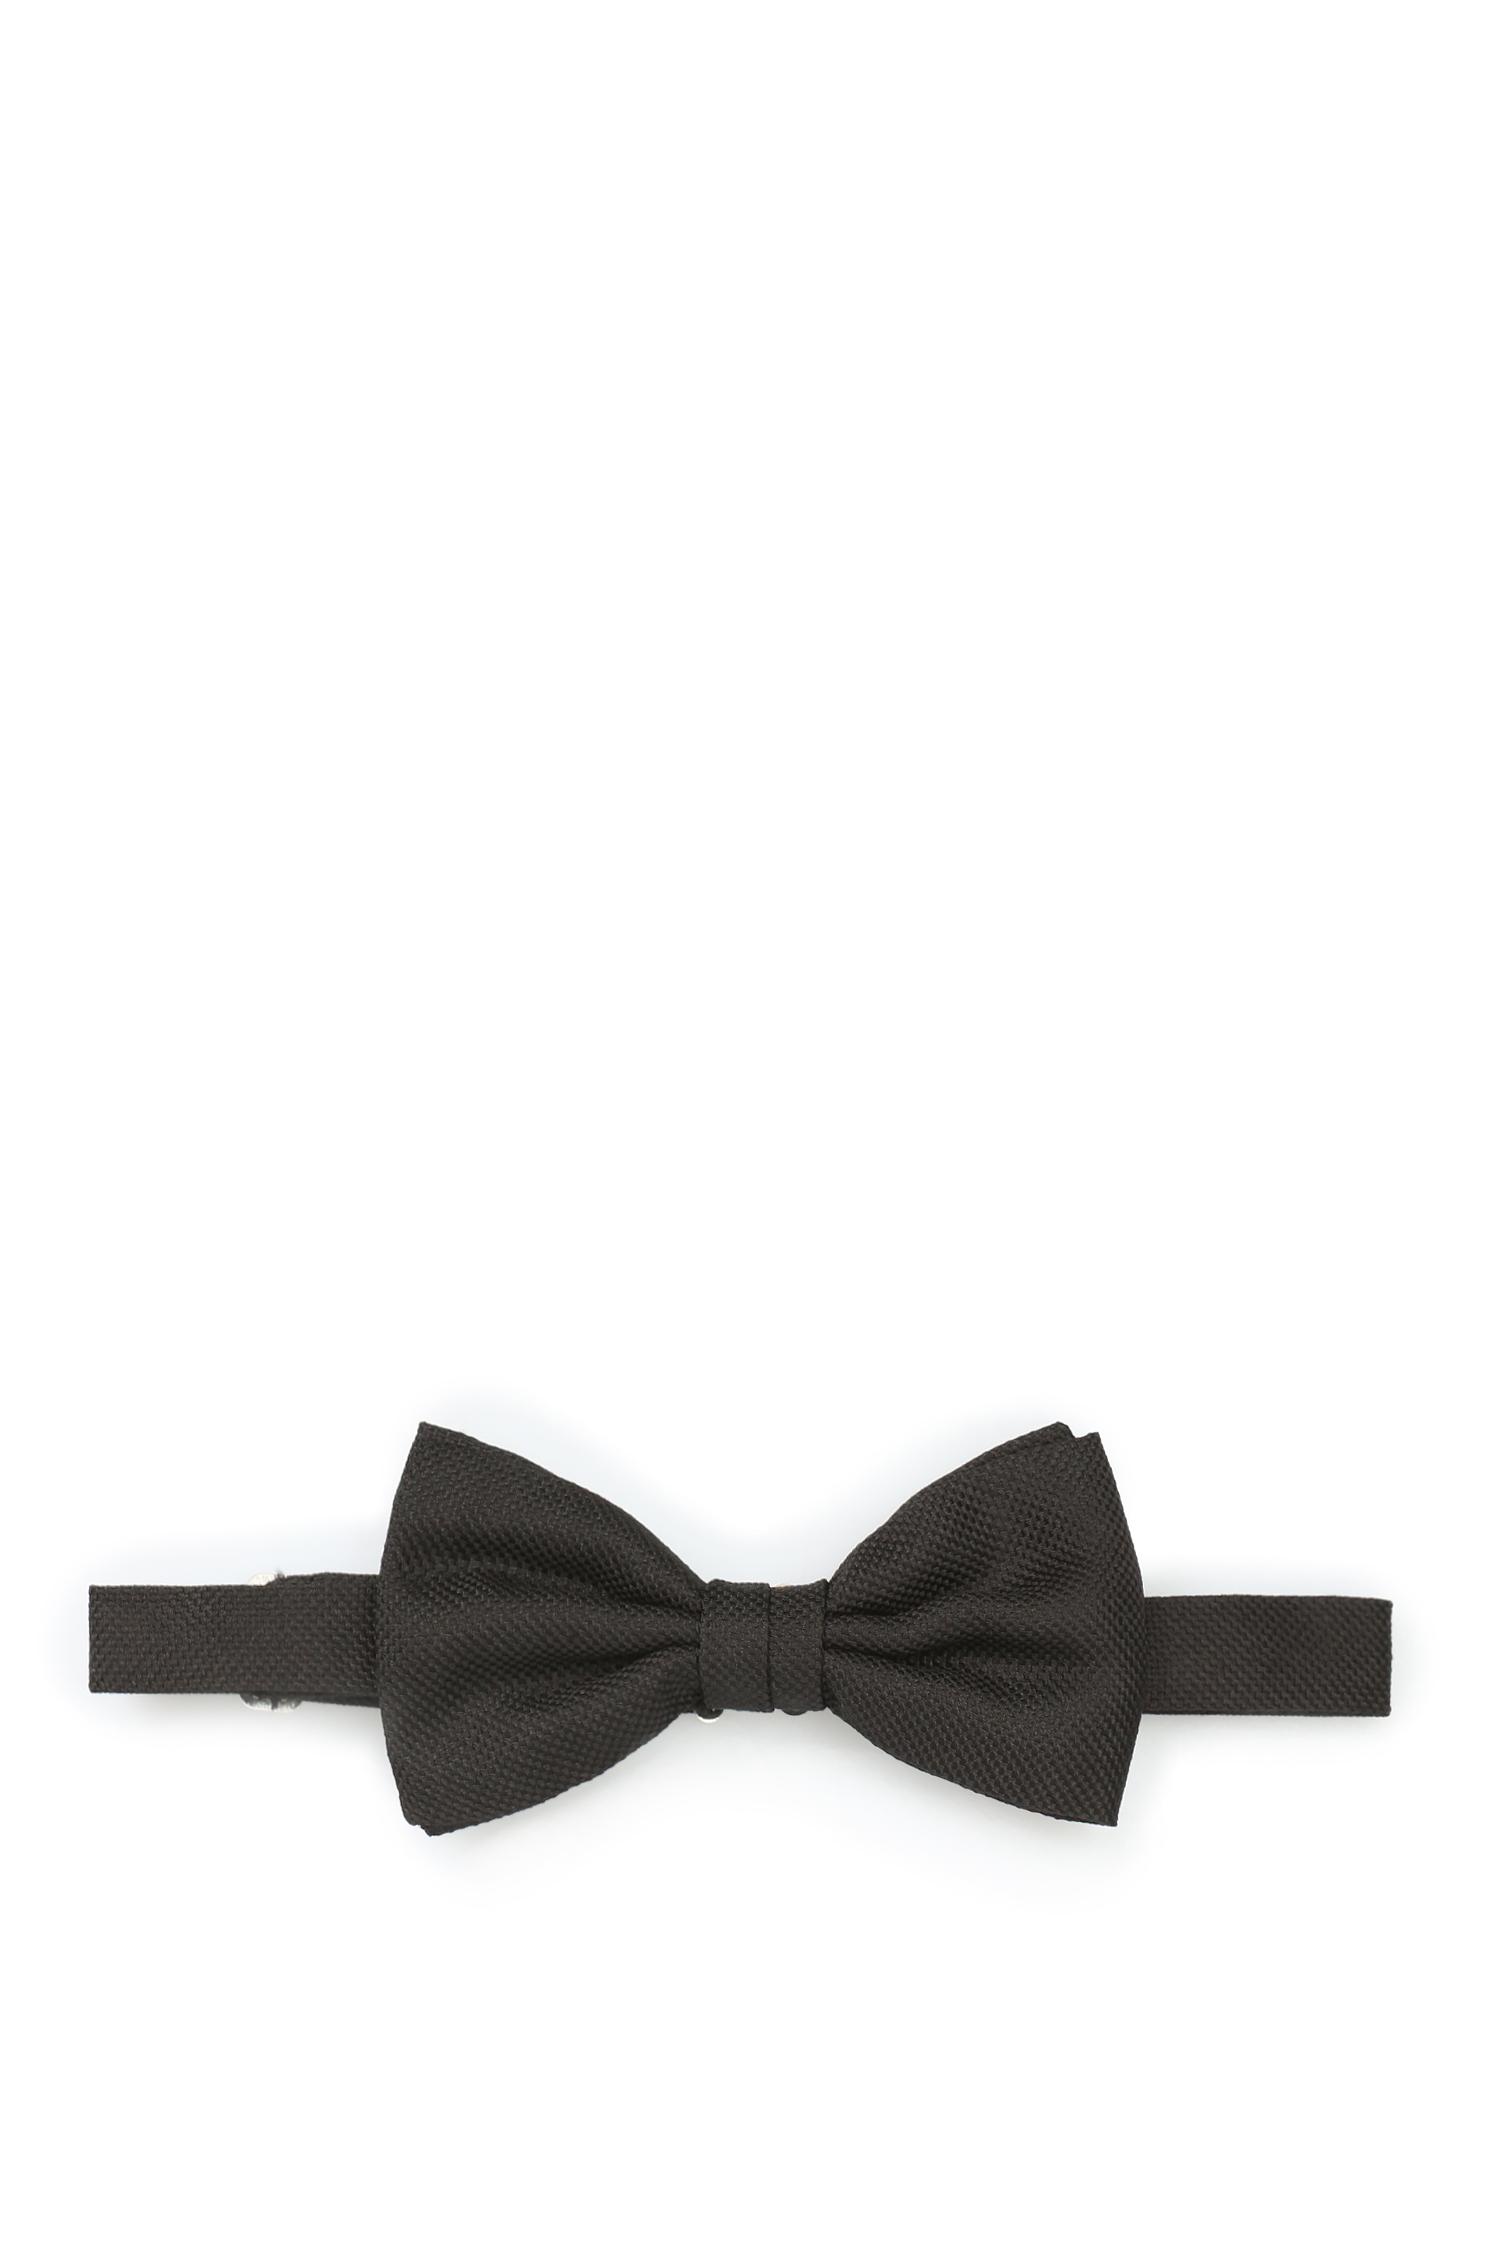 Мужская черная шелковая бабочка Karl Lagerfeld 582151.805200;990